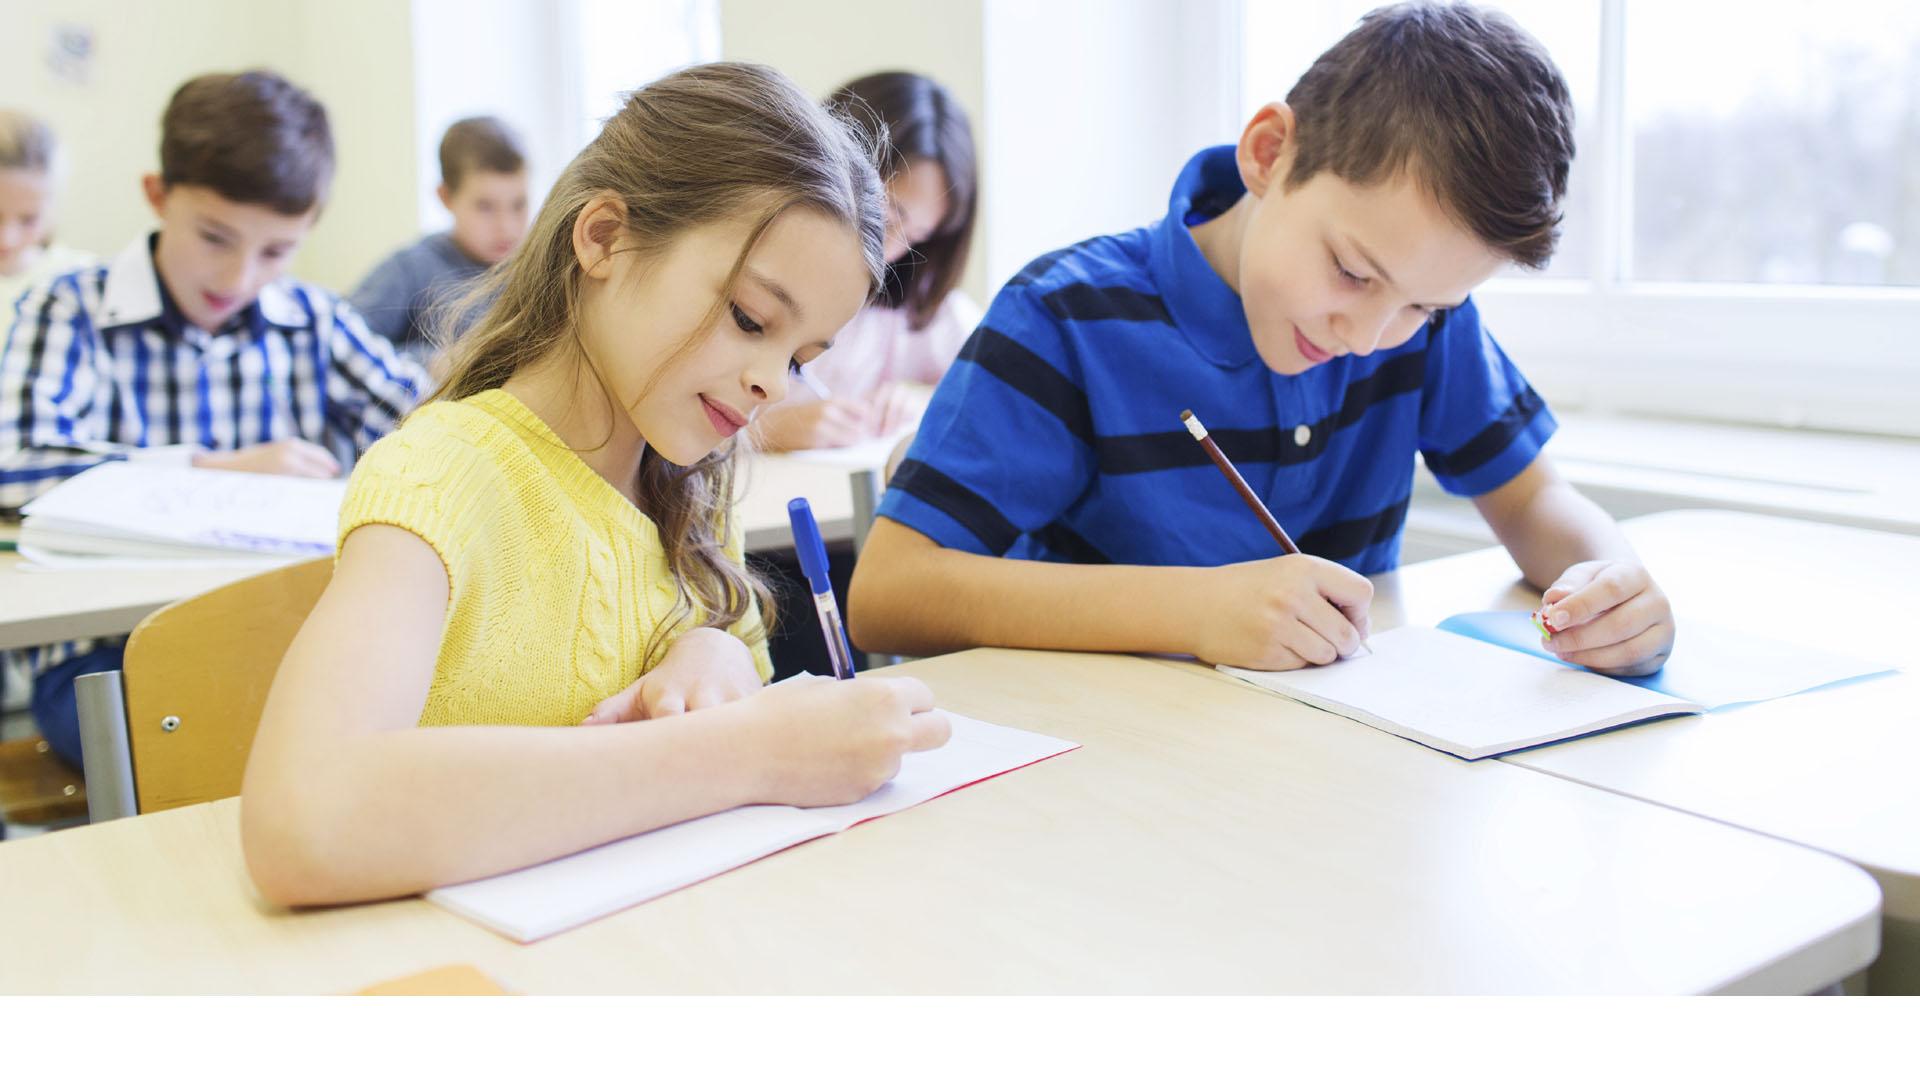 La neuroeducación es un área que estudia diversos aspectos para mejorar el conocimiento, la memoria y el rendimiento académico